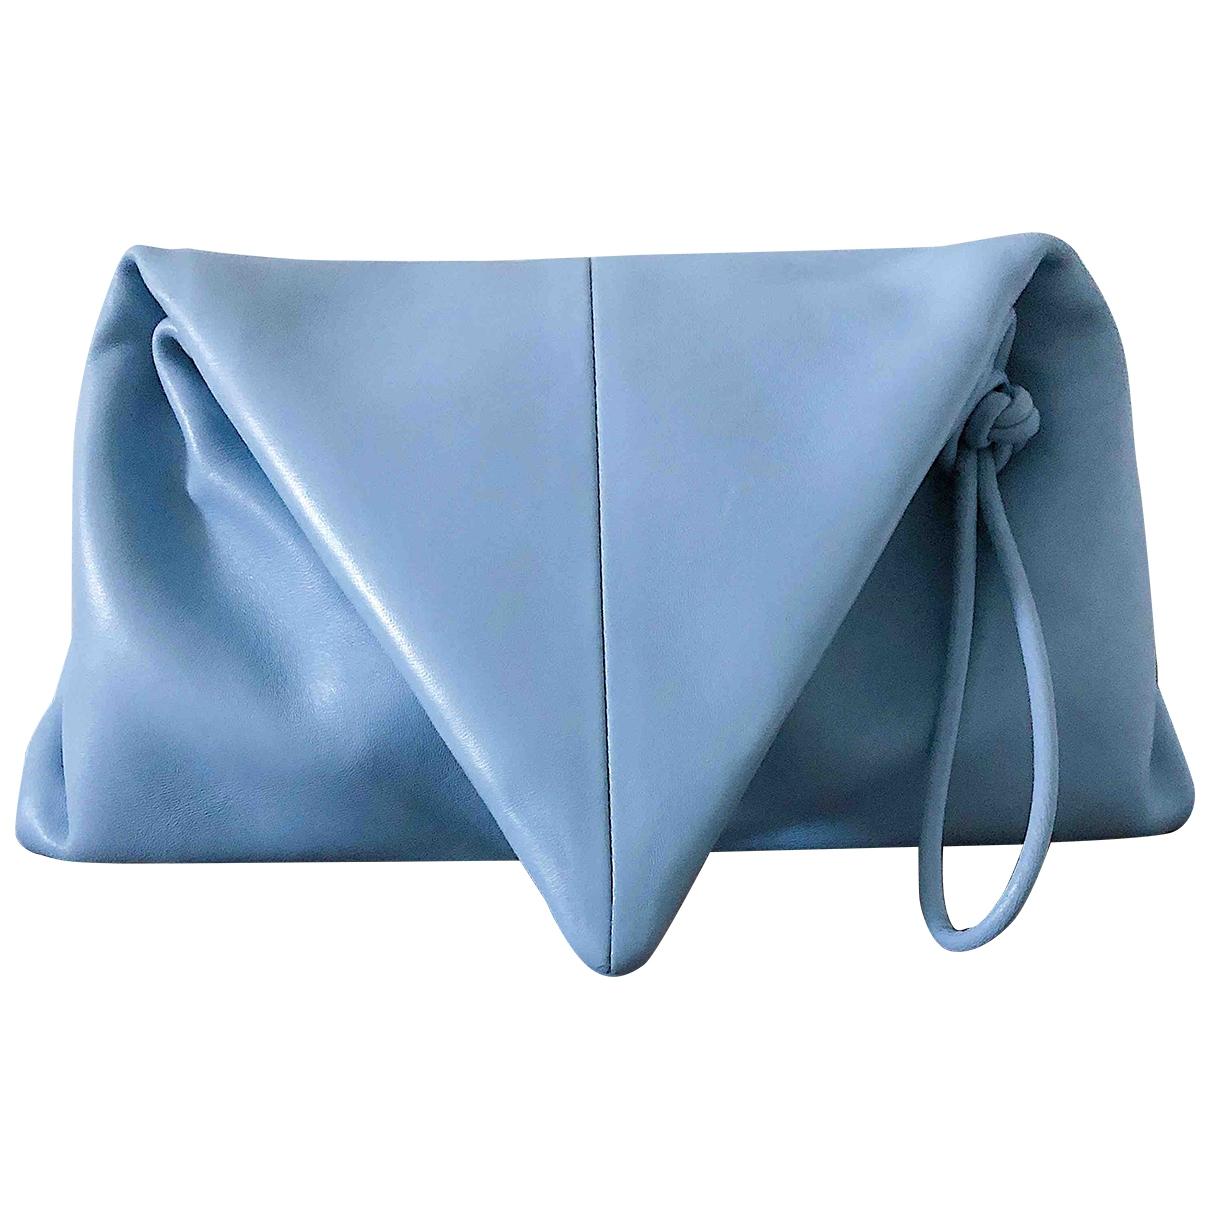 Bottega Veneta Triangle Blue Leather Clutch bag for Women \N